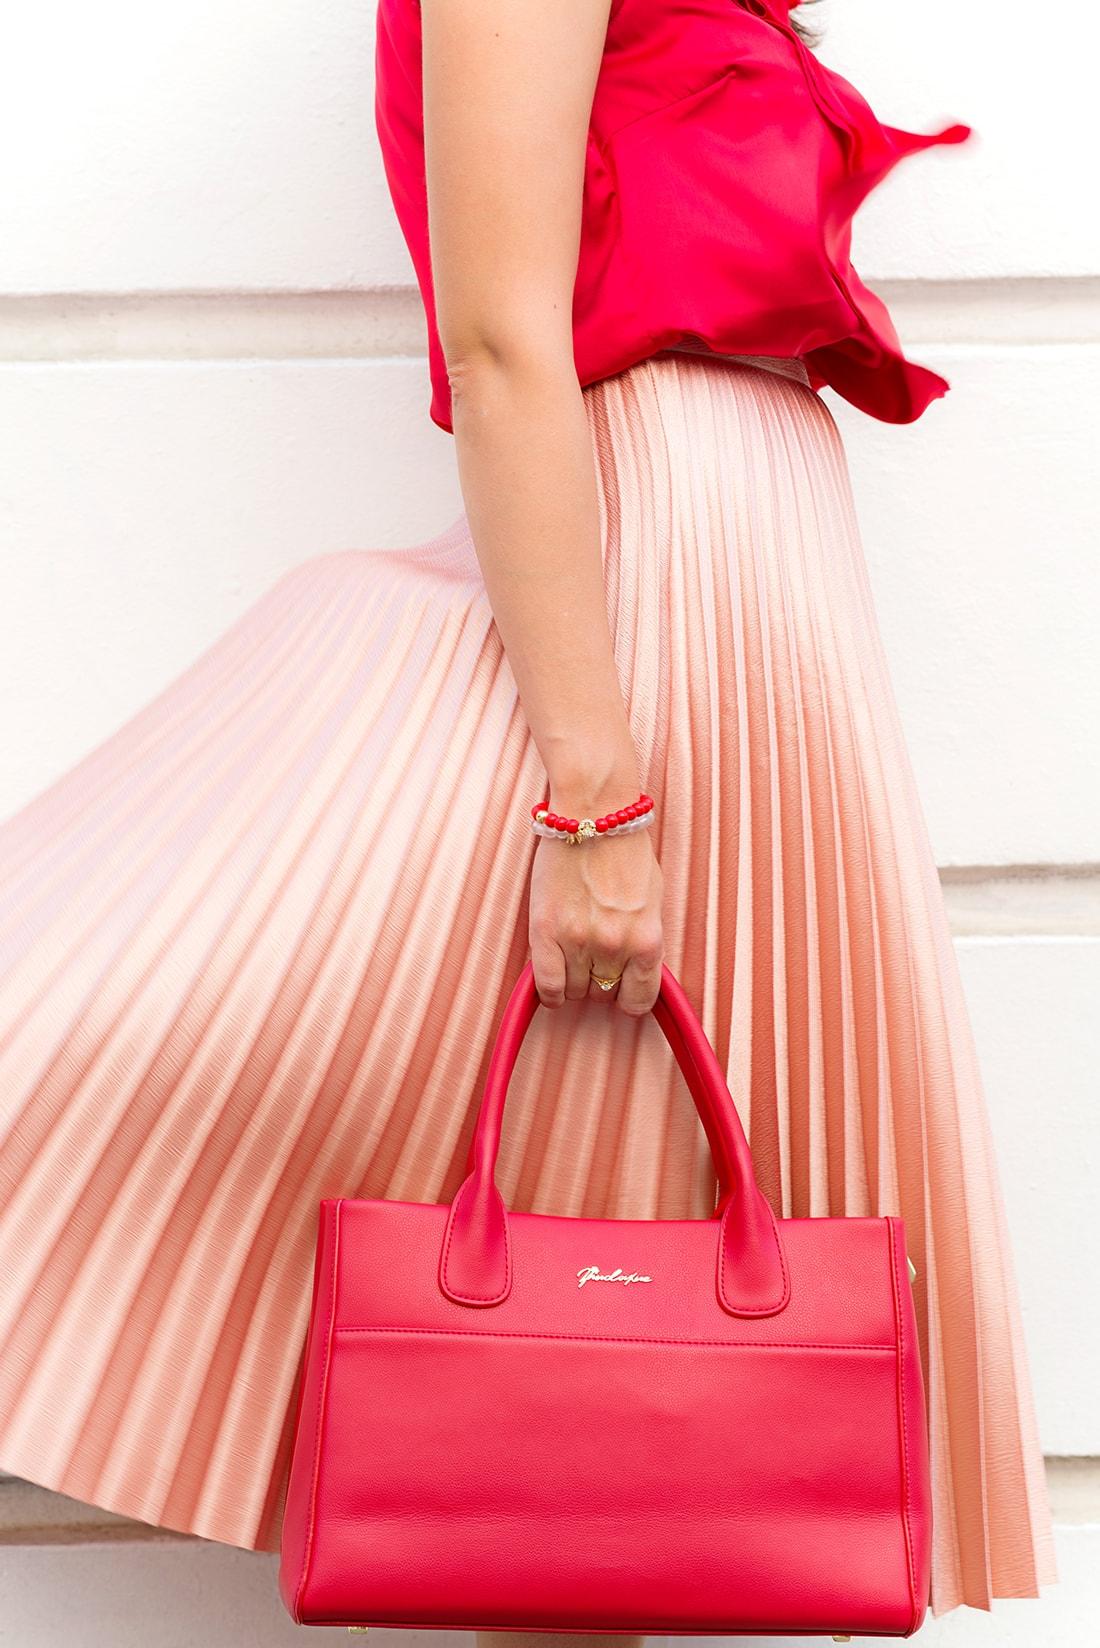 Môj bežný voľný deň v plisovanej sukni a s vankúšmi od EVENIT_Katharine-fashion is beautiful_blog_Saténový top_Plisovaná sukňa Zara_Náramok Deltimo_Kabelka JEJ_Katarína Jakubčová_Fashion blogger